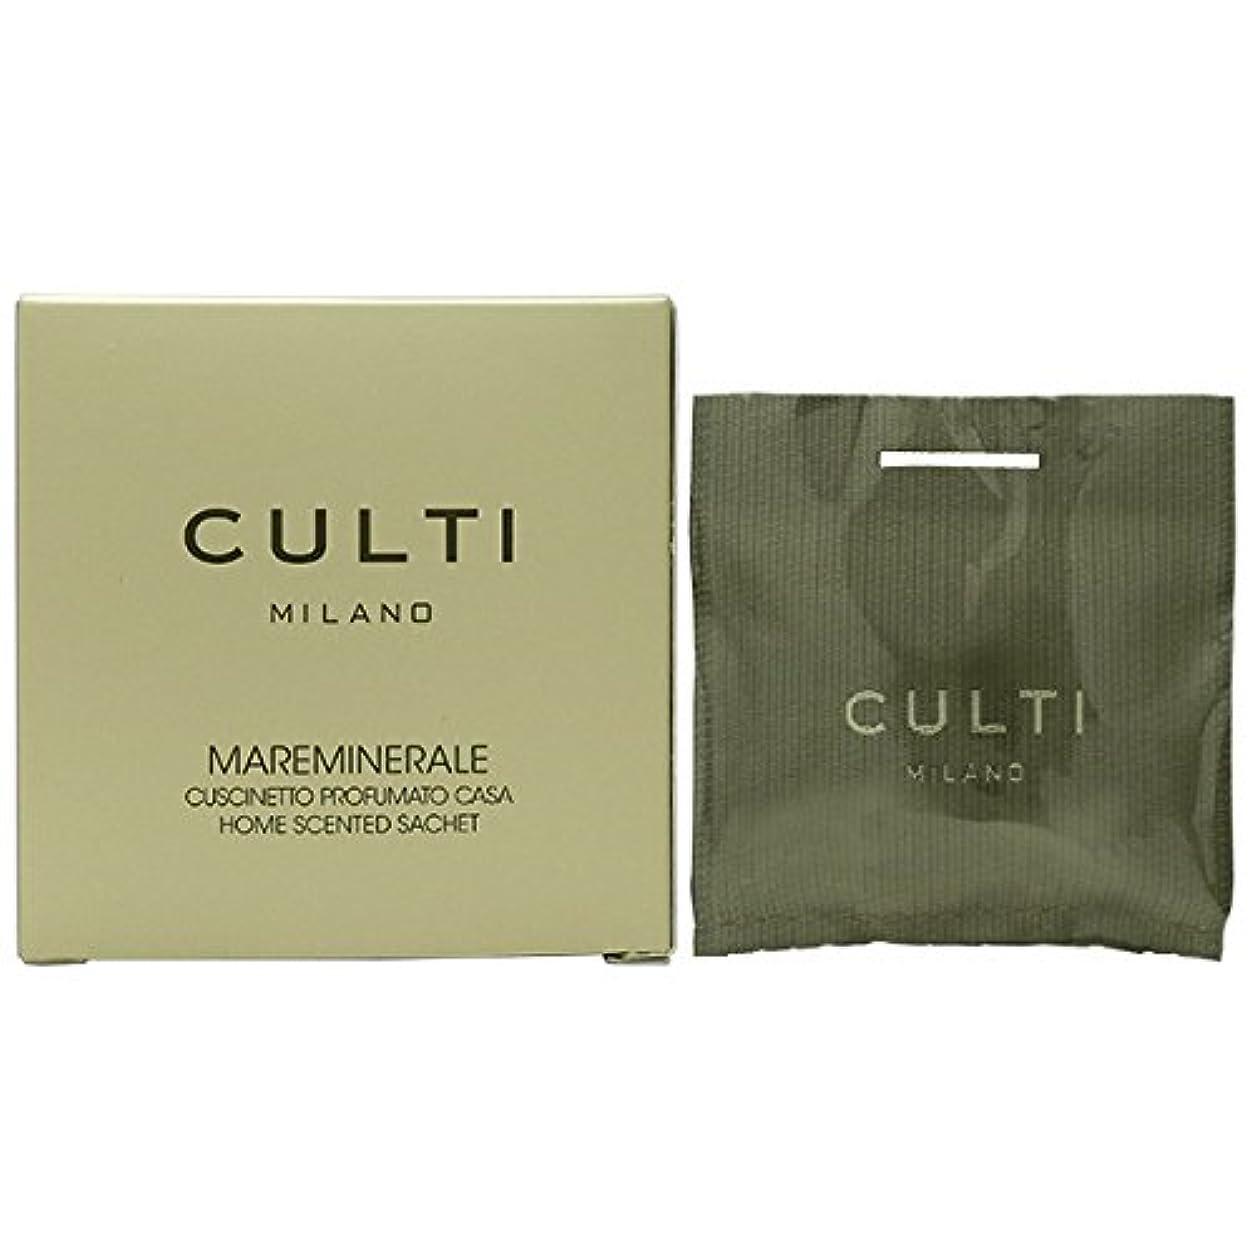 原油作り上げる爆発【CULTI】クルティ ホームセンテッド サシェ MAREMINERALE 7×7cm [並行輸入品]